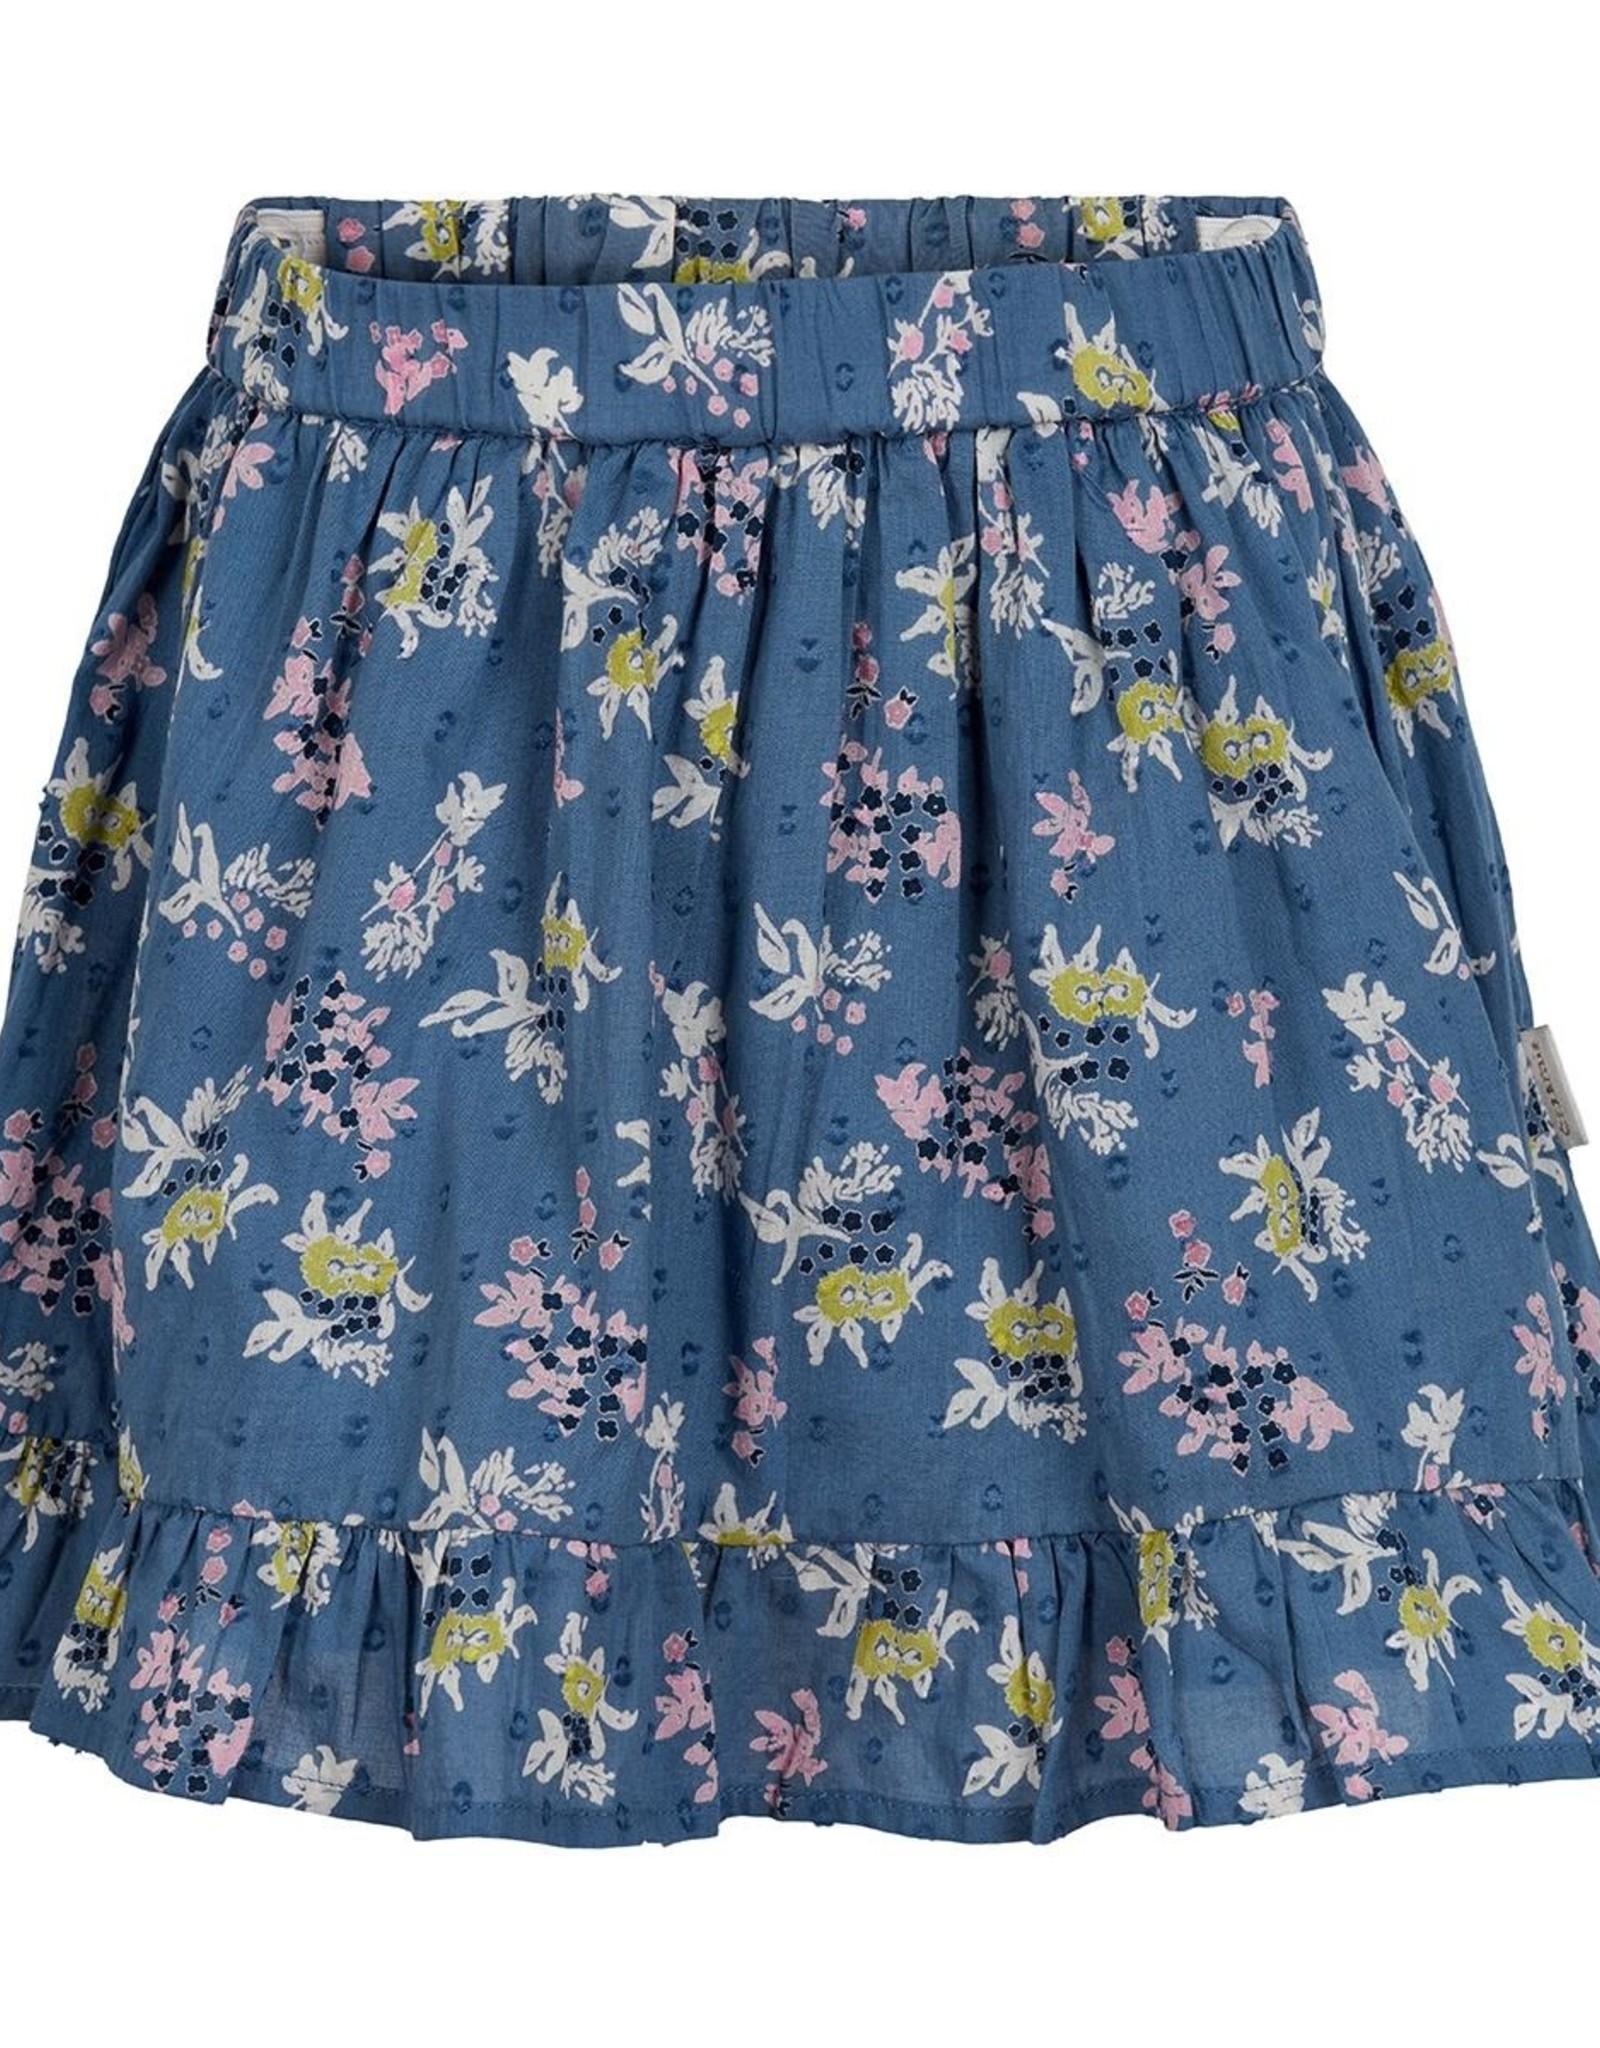 Creamie Skirt Slateblue  Pink Floral